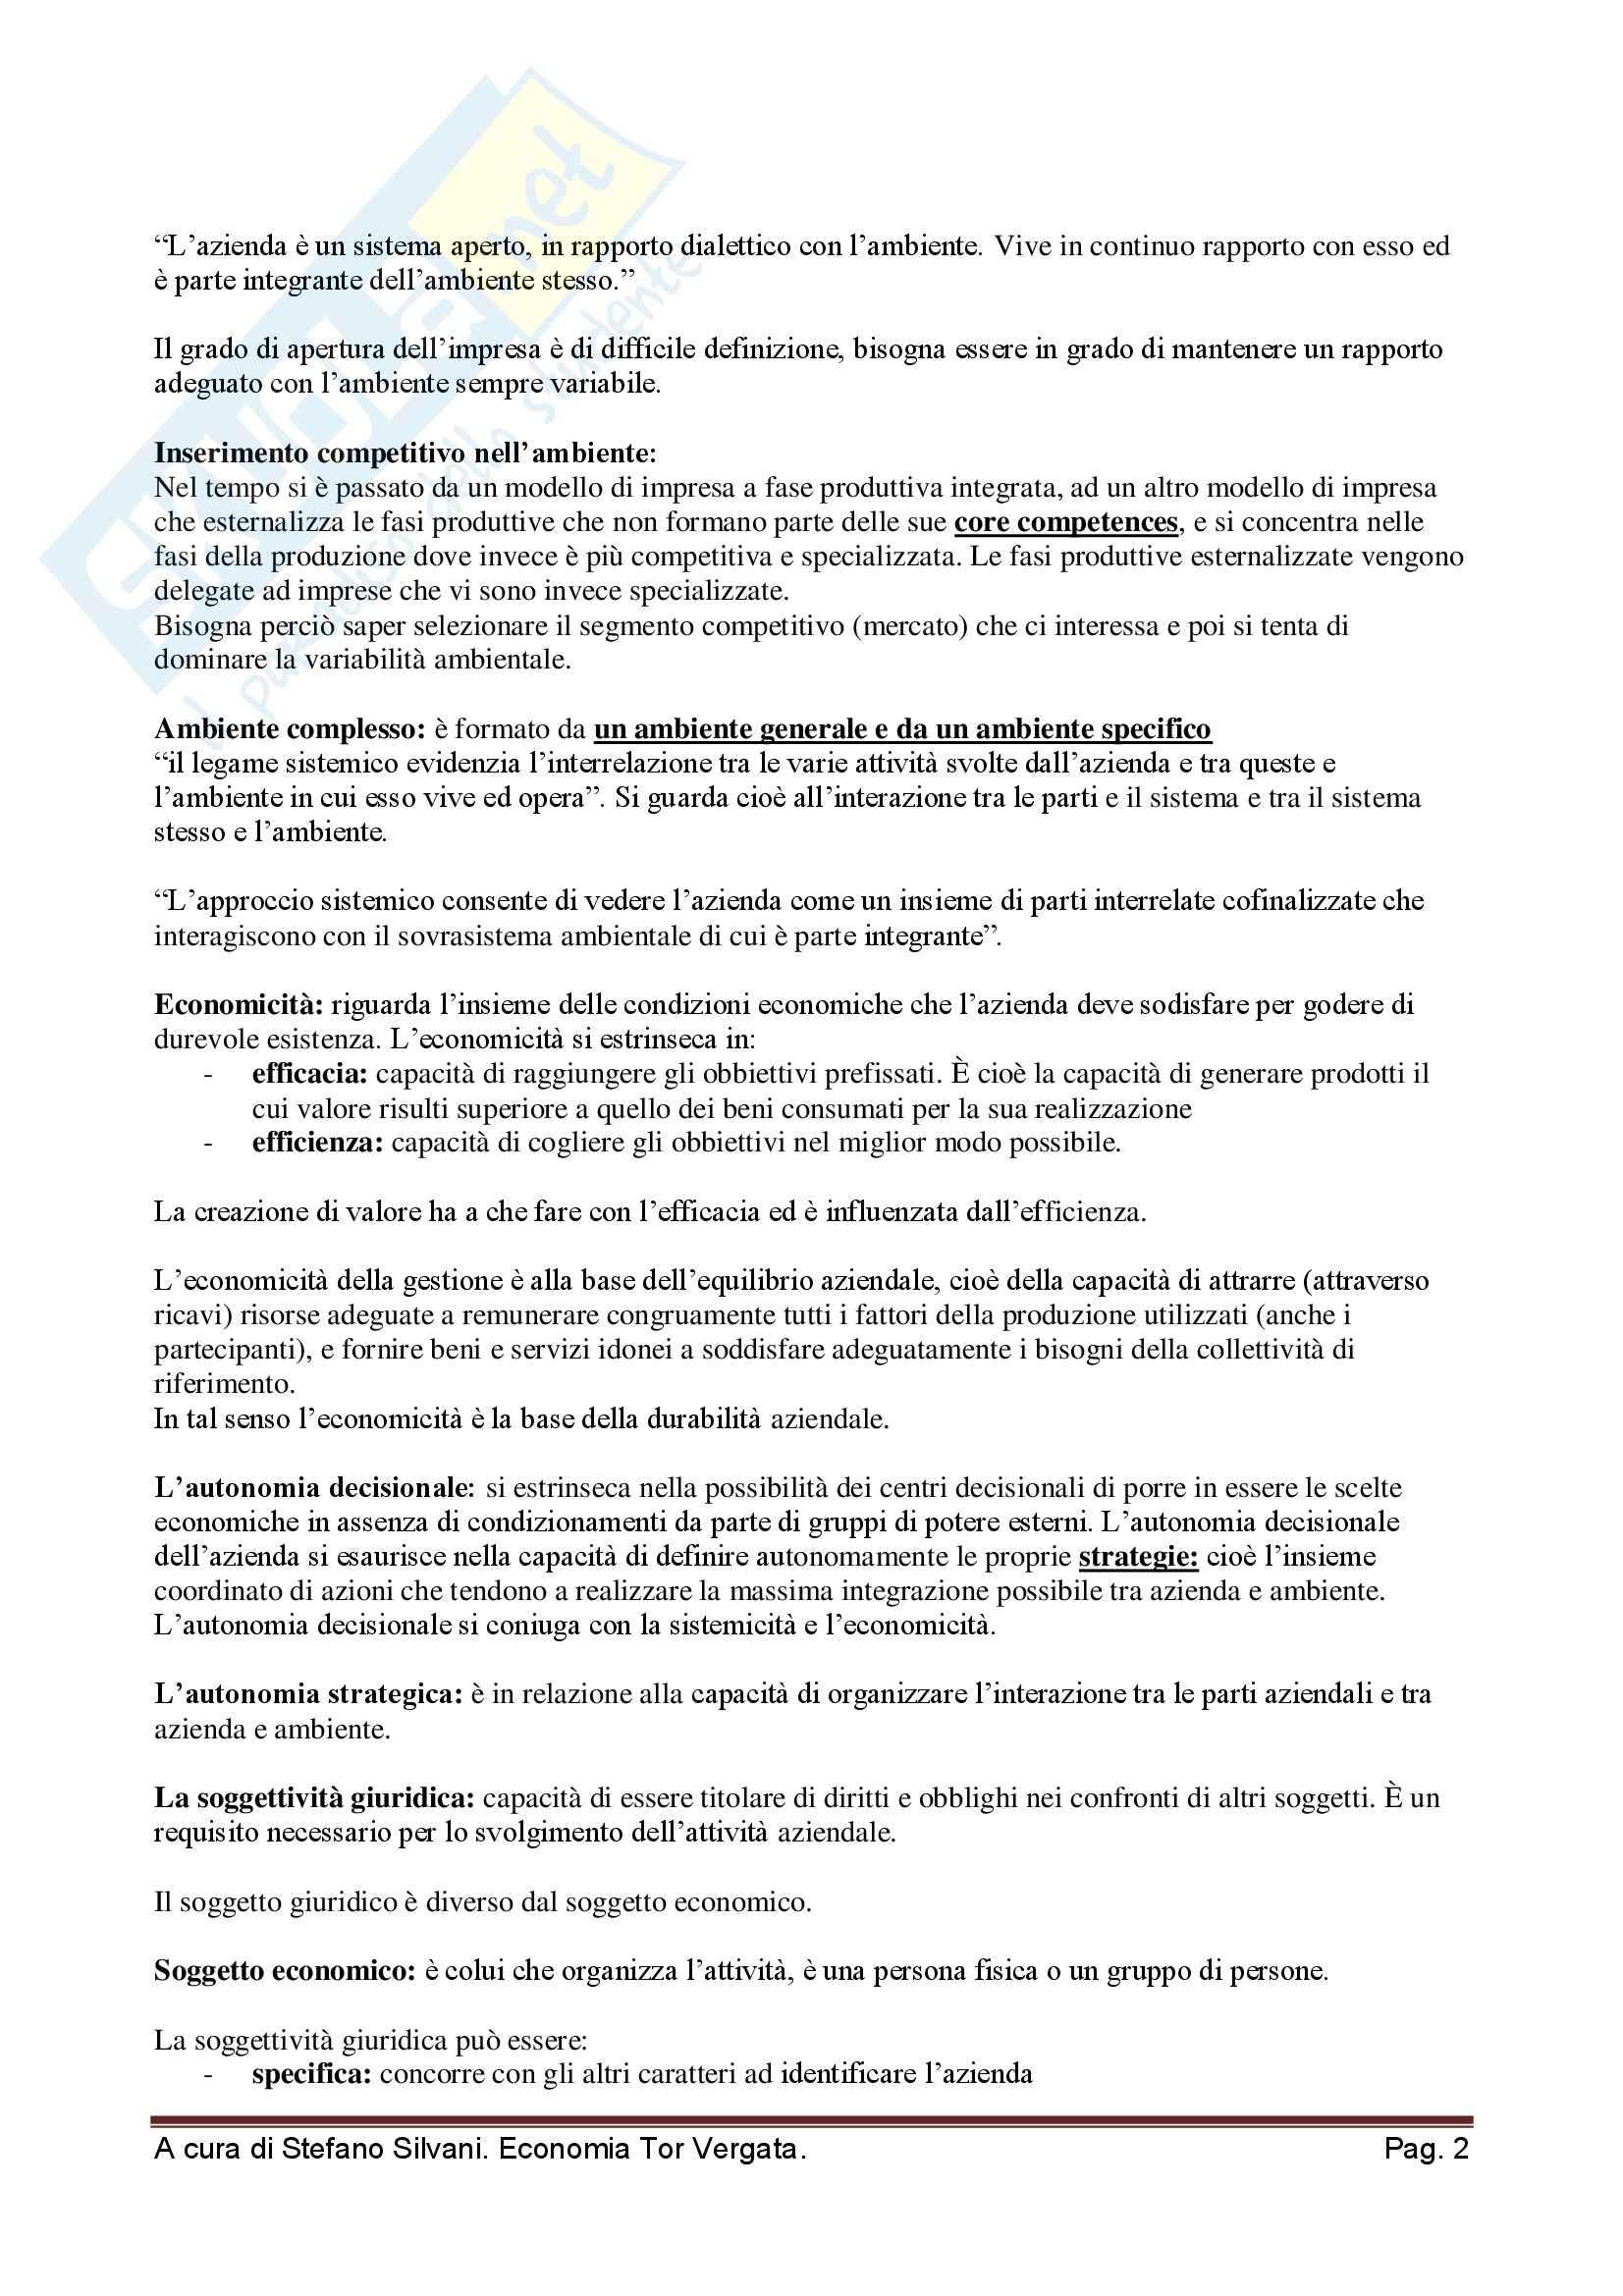 Strategia e politica aziendale - Appunti Pag. 2